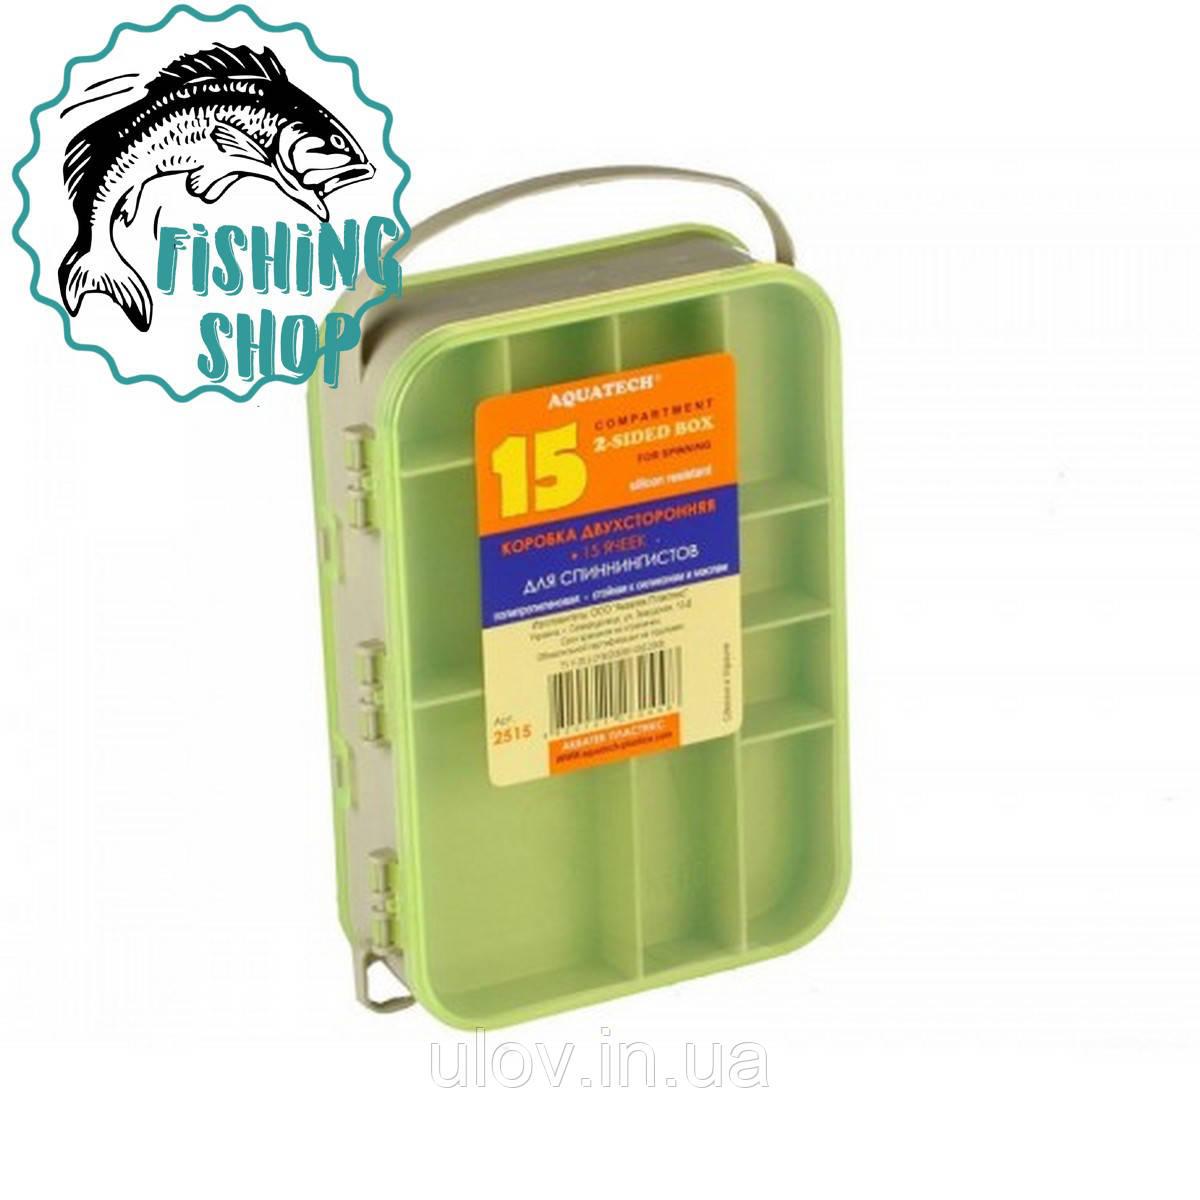 Коробка Aquatech 2515 2-х сторонняя 15 ячеек